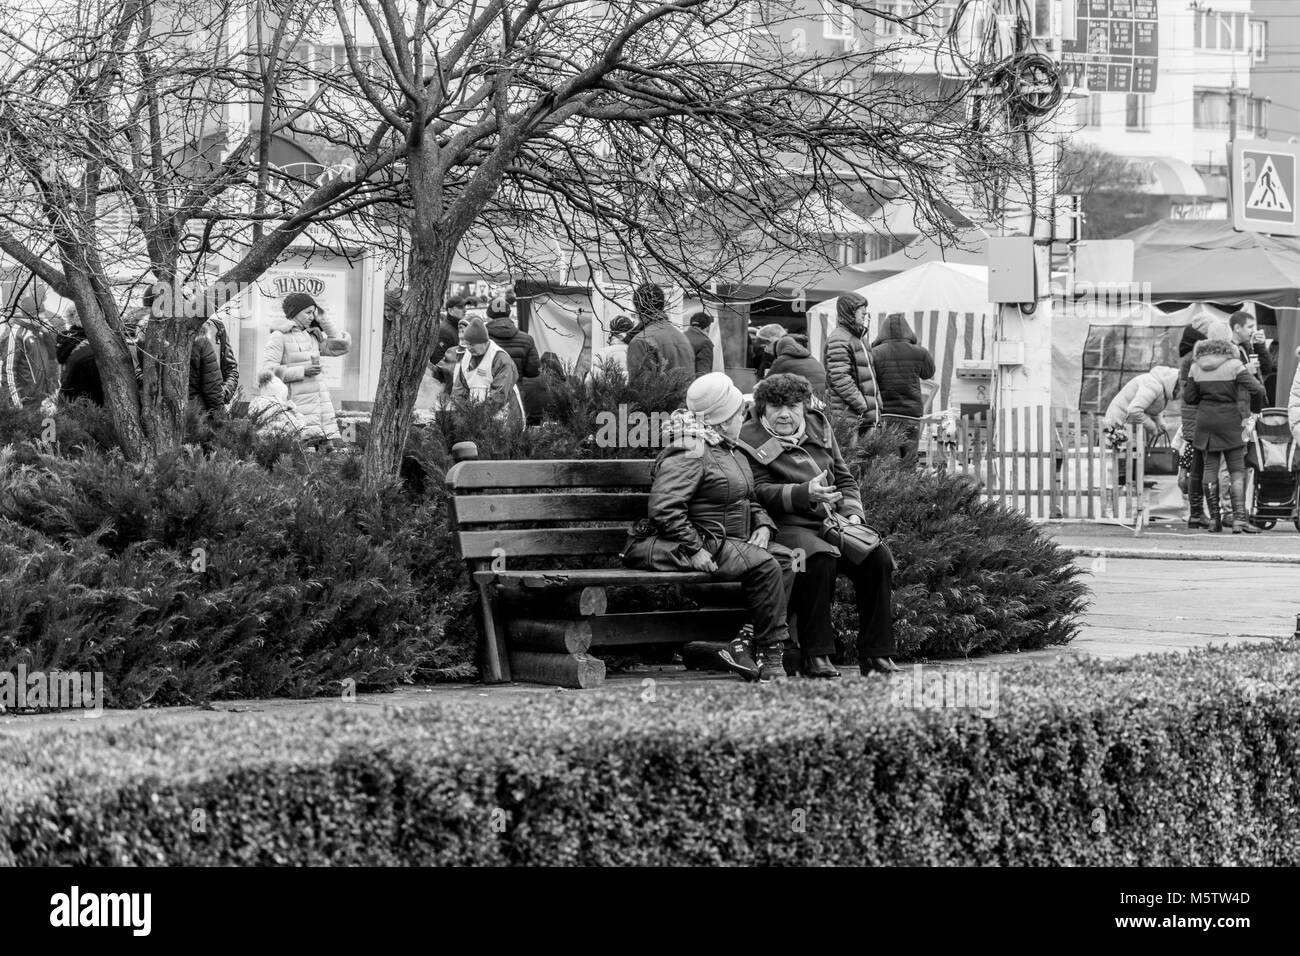 Las mujeres de edad hablando sobre la banqueta, reportajes fotográficos en blanco y negro Imagen De Stock